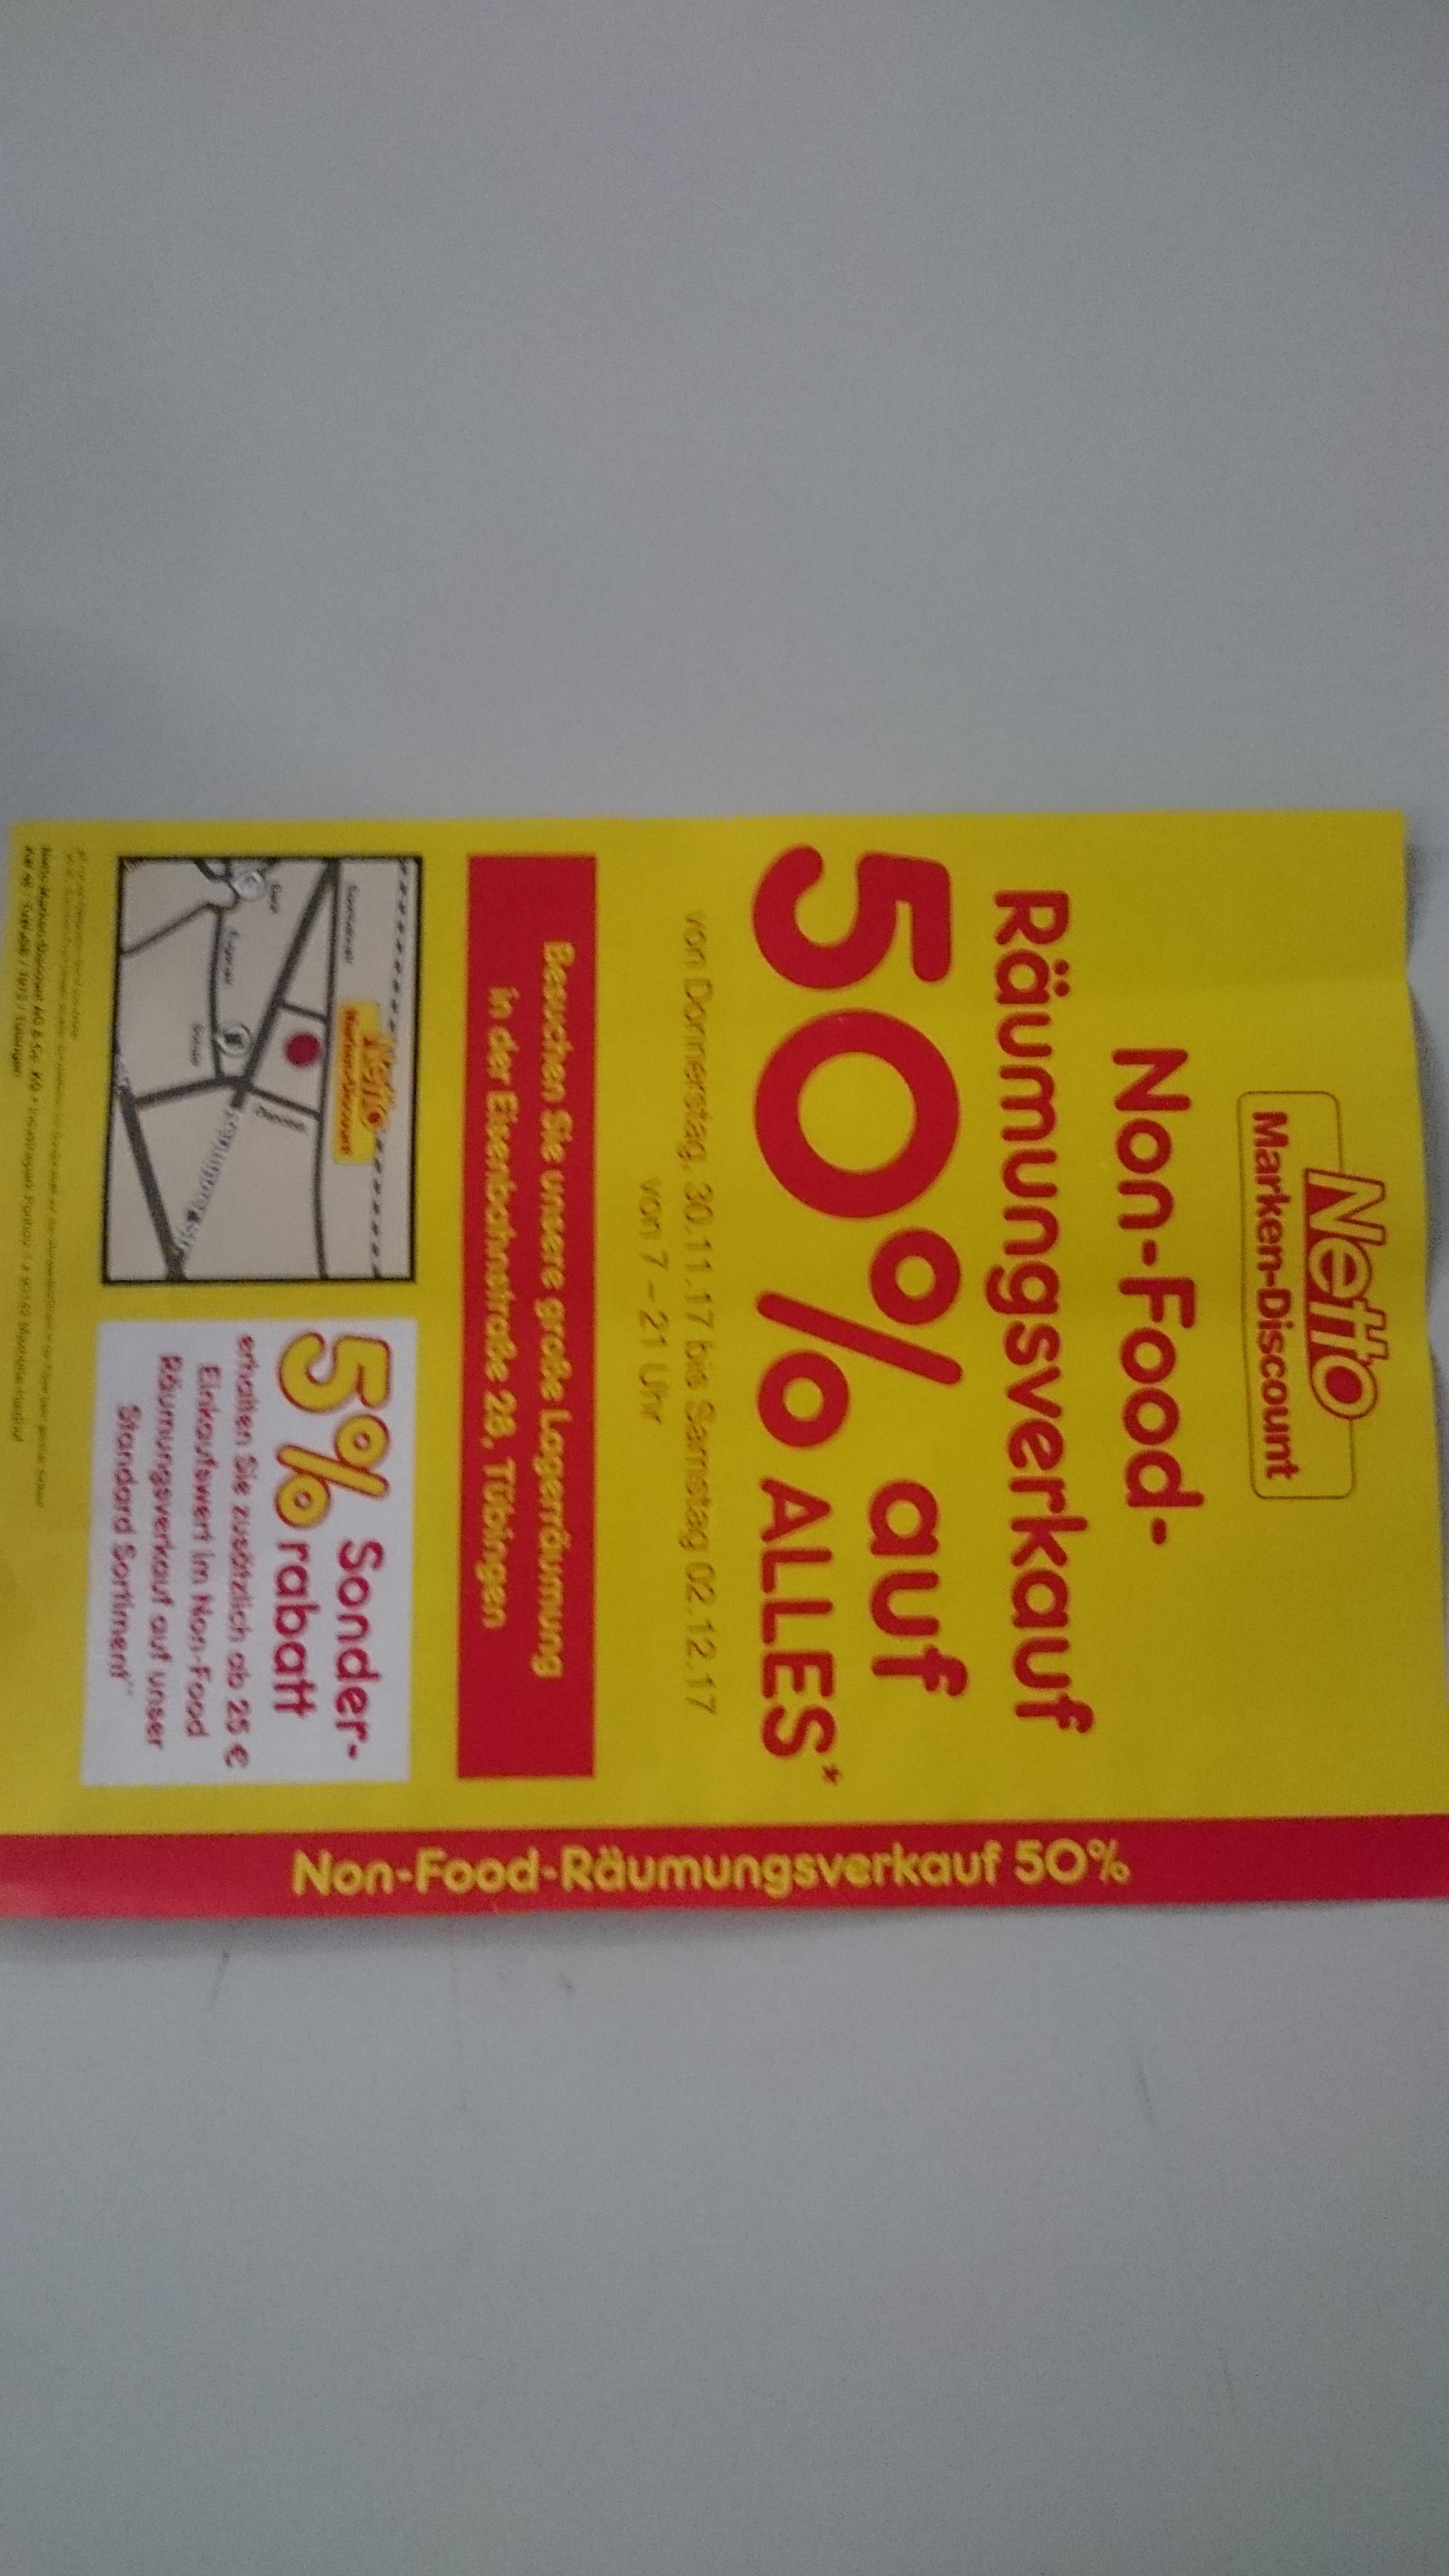 Räumungsverkauf Netto Tübingen, 50% auf alle Non-Food Produkte